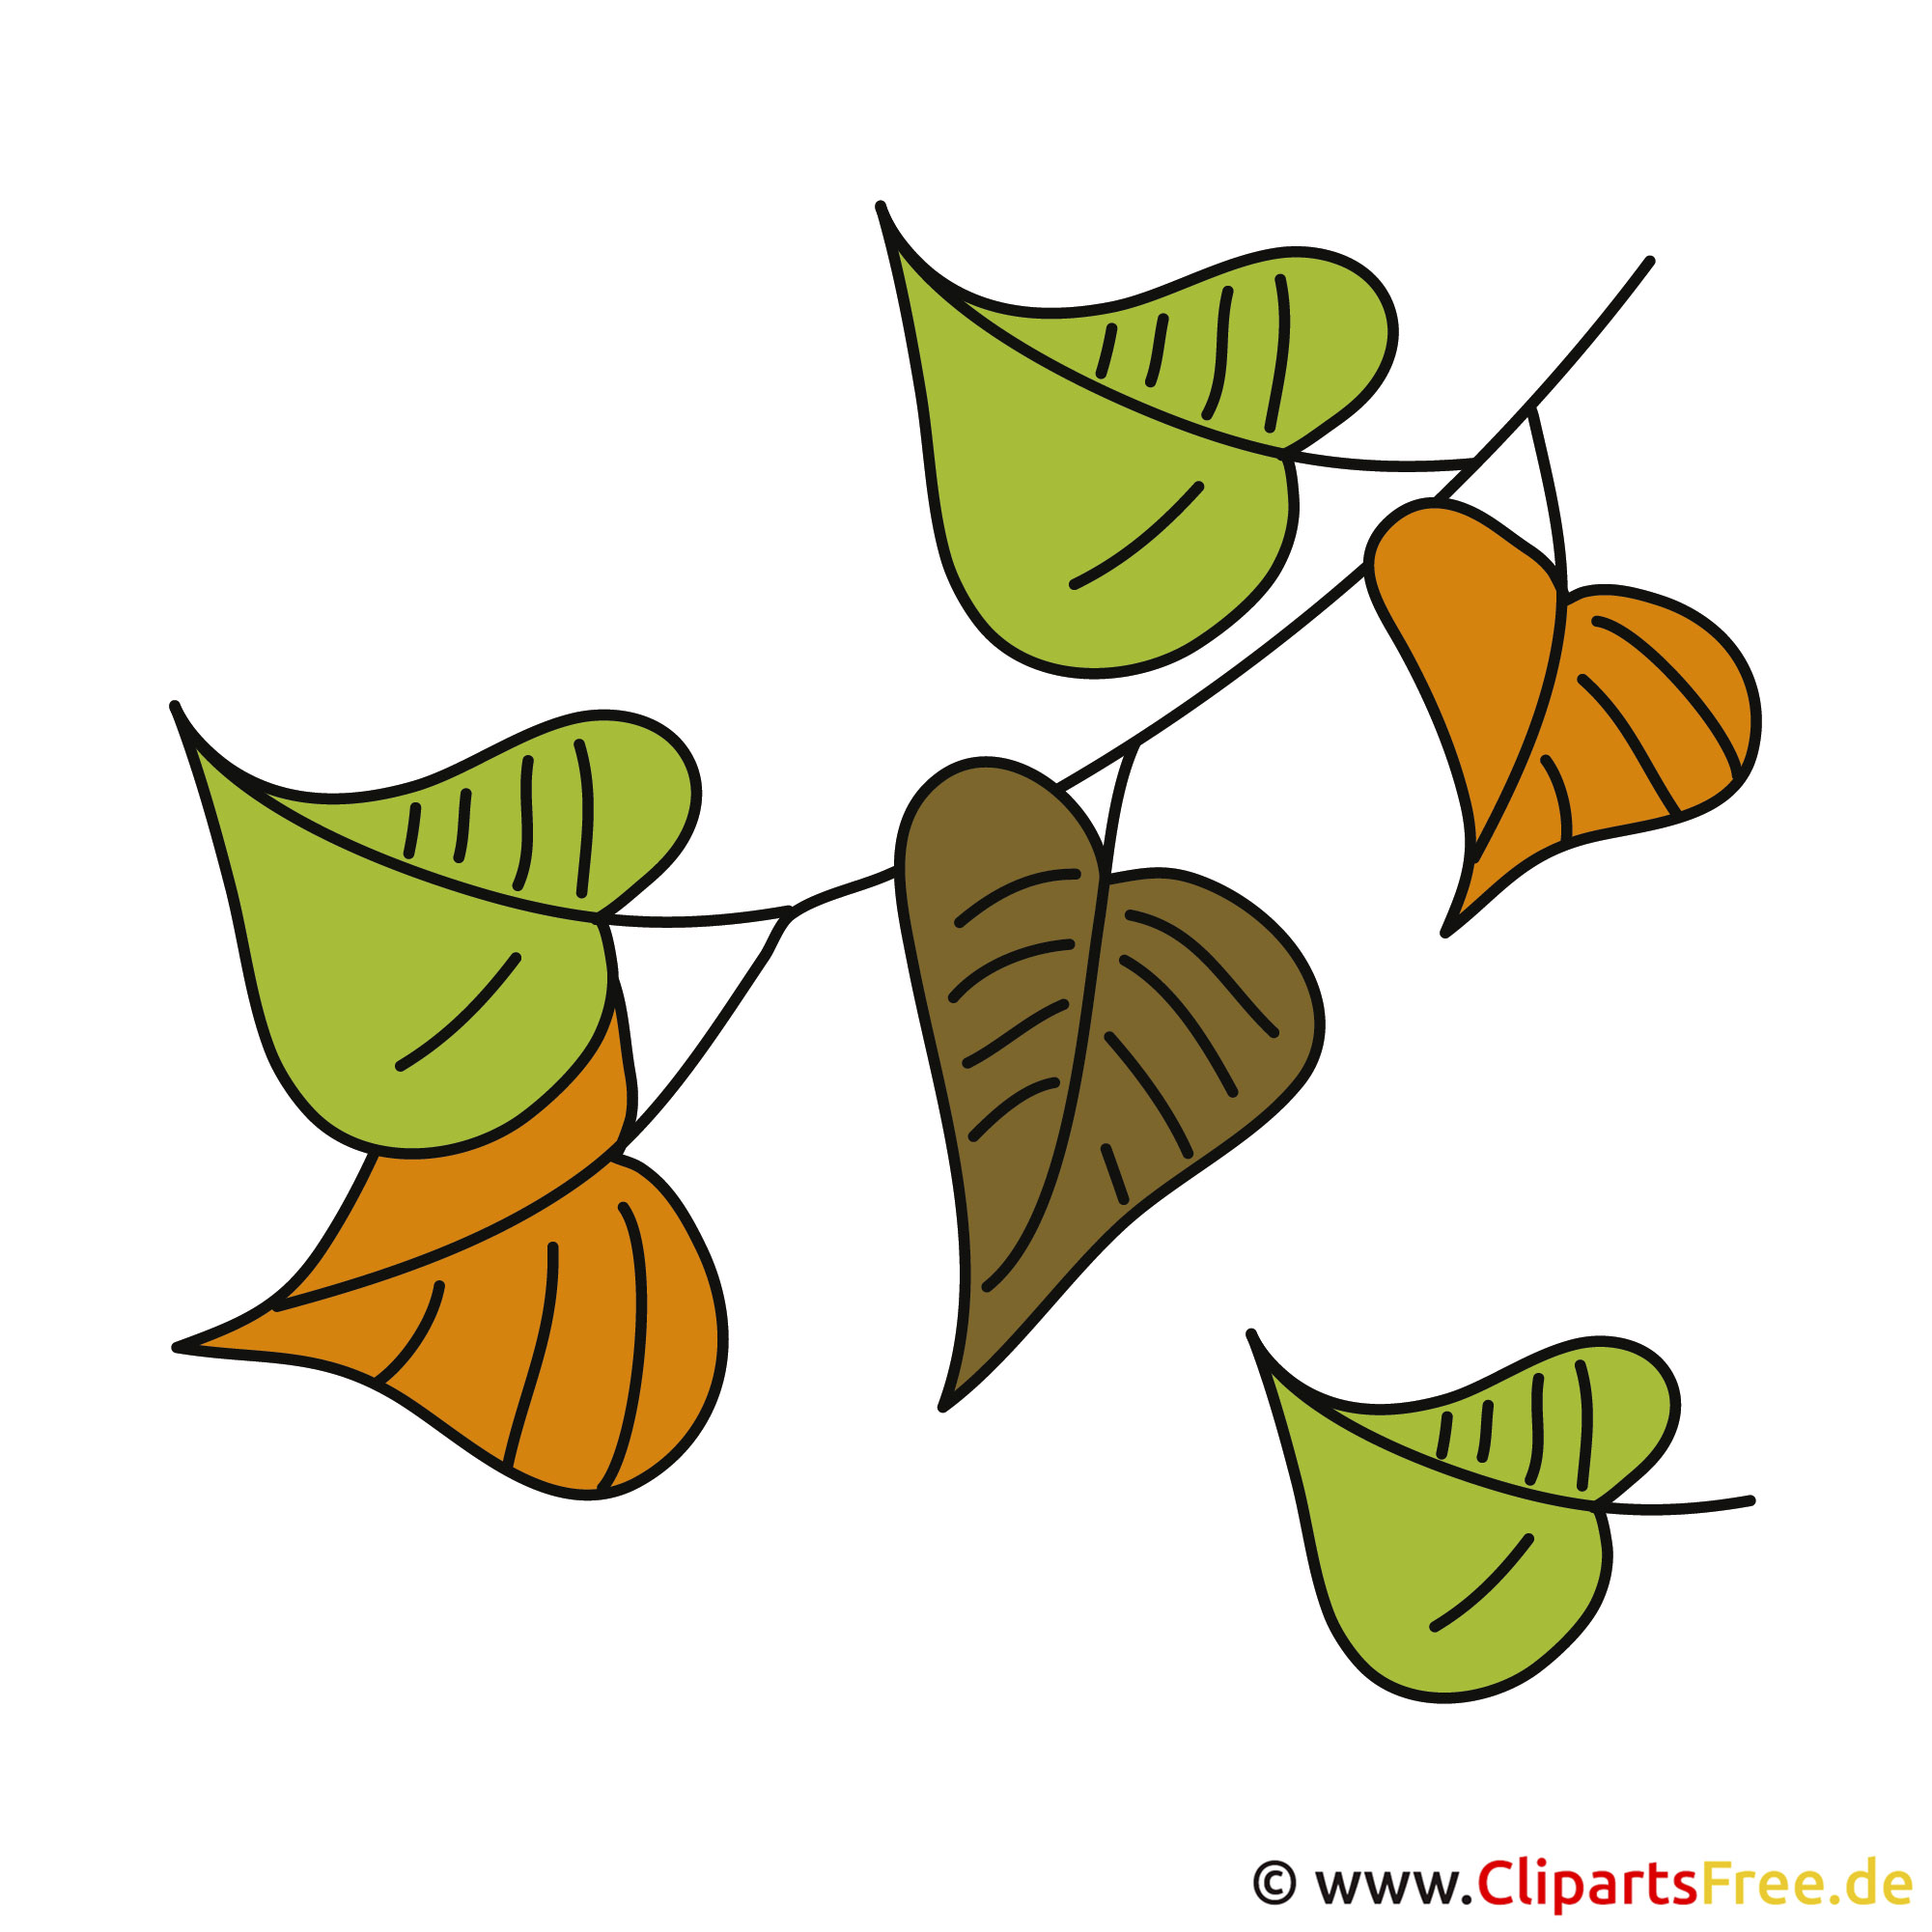 Herbst Bilder - Grüne Blätter Clipart